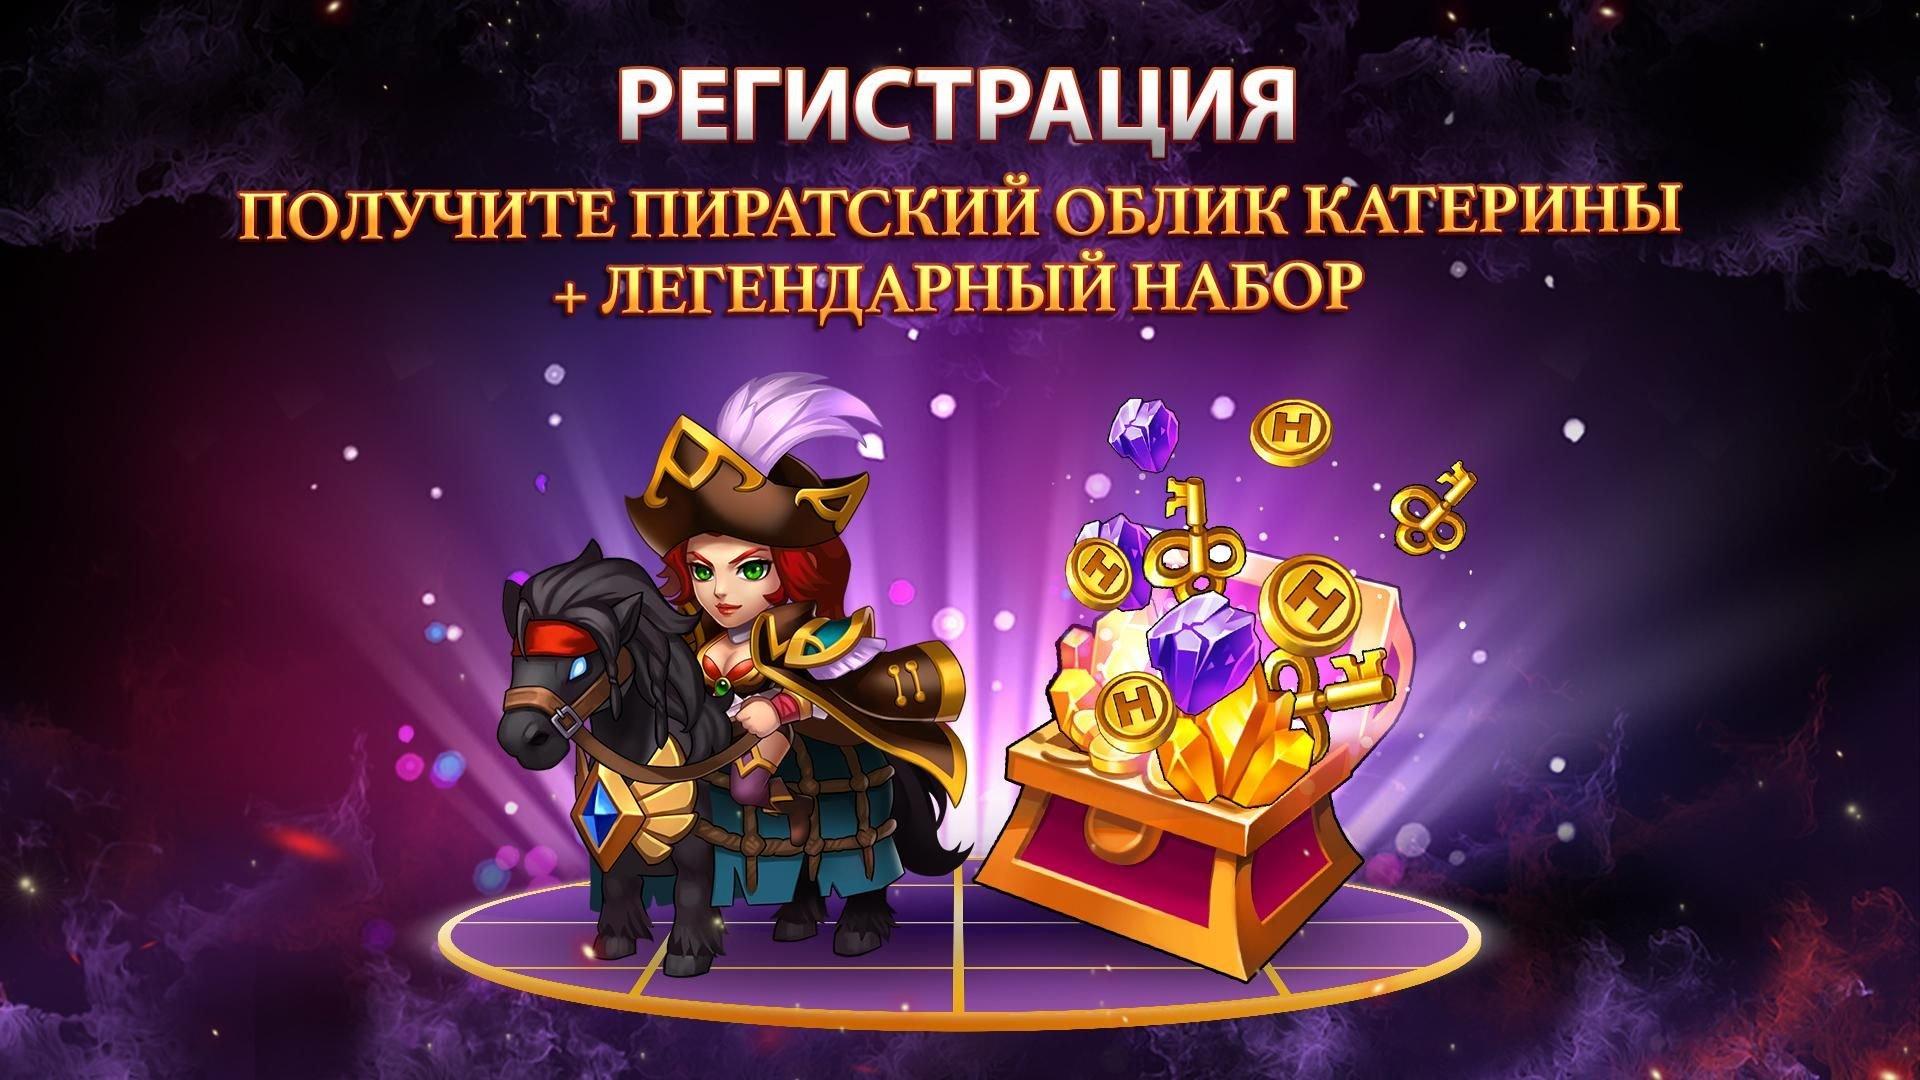 скачать игру герои магии на андроид